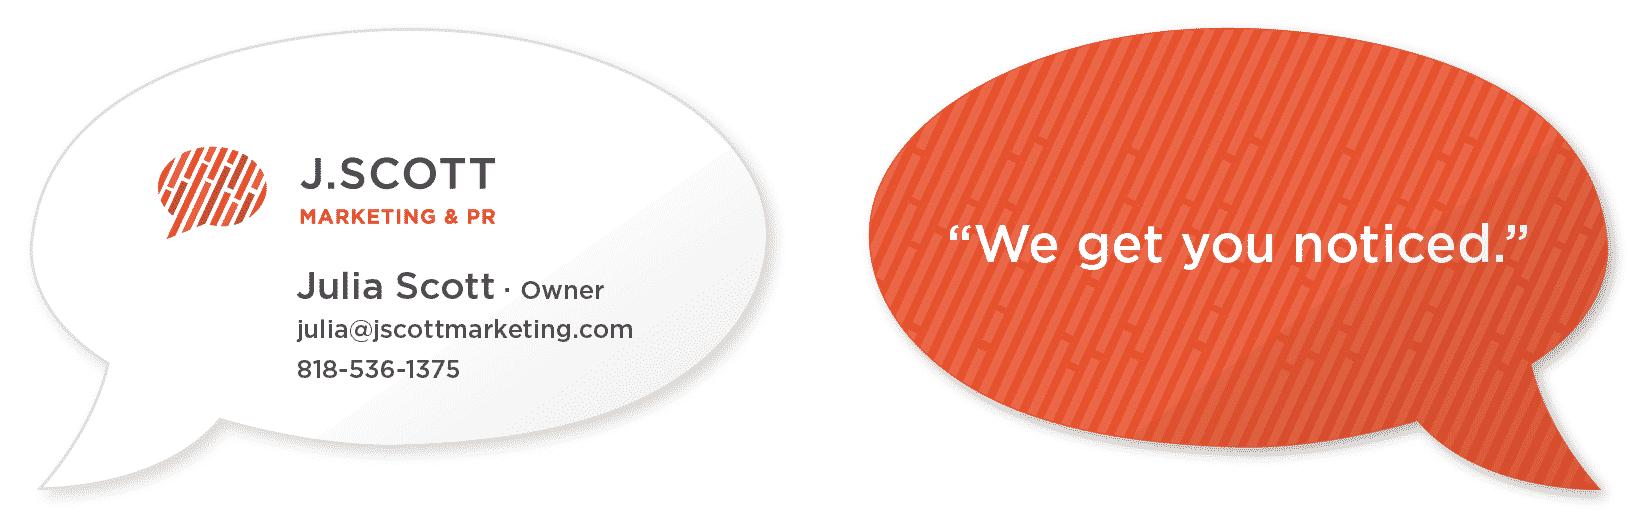 JScott business card design